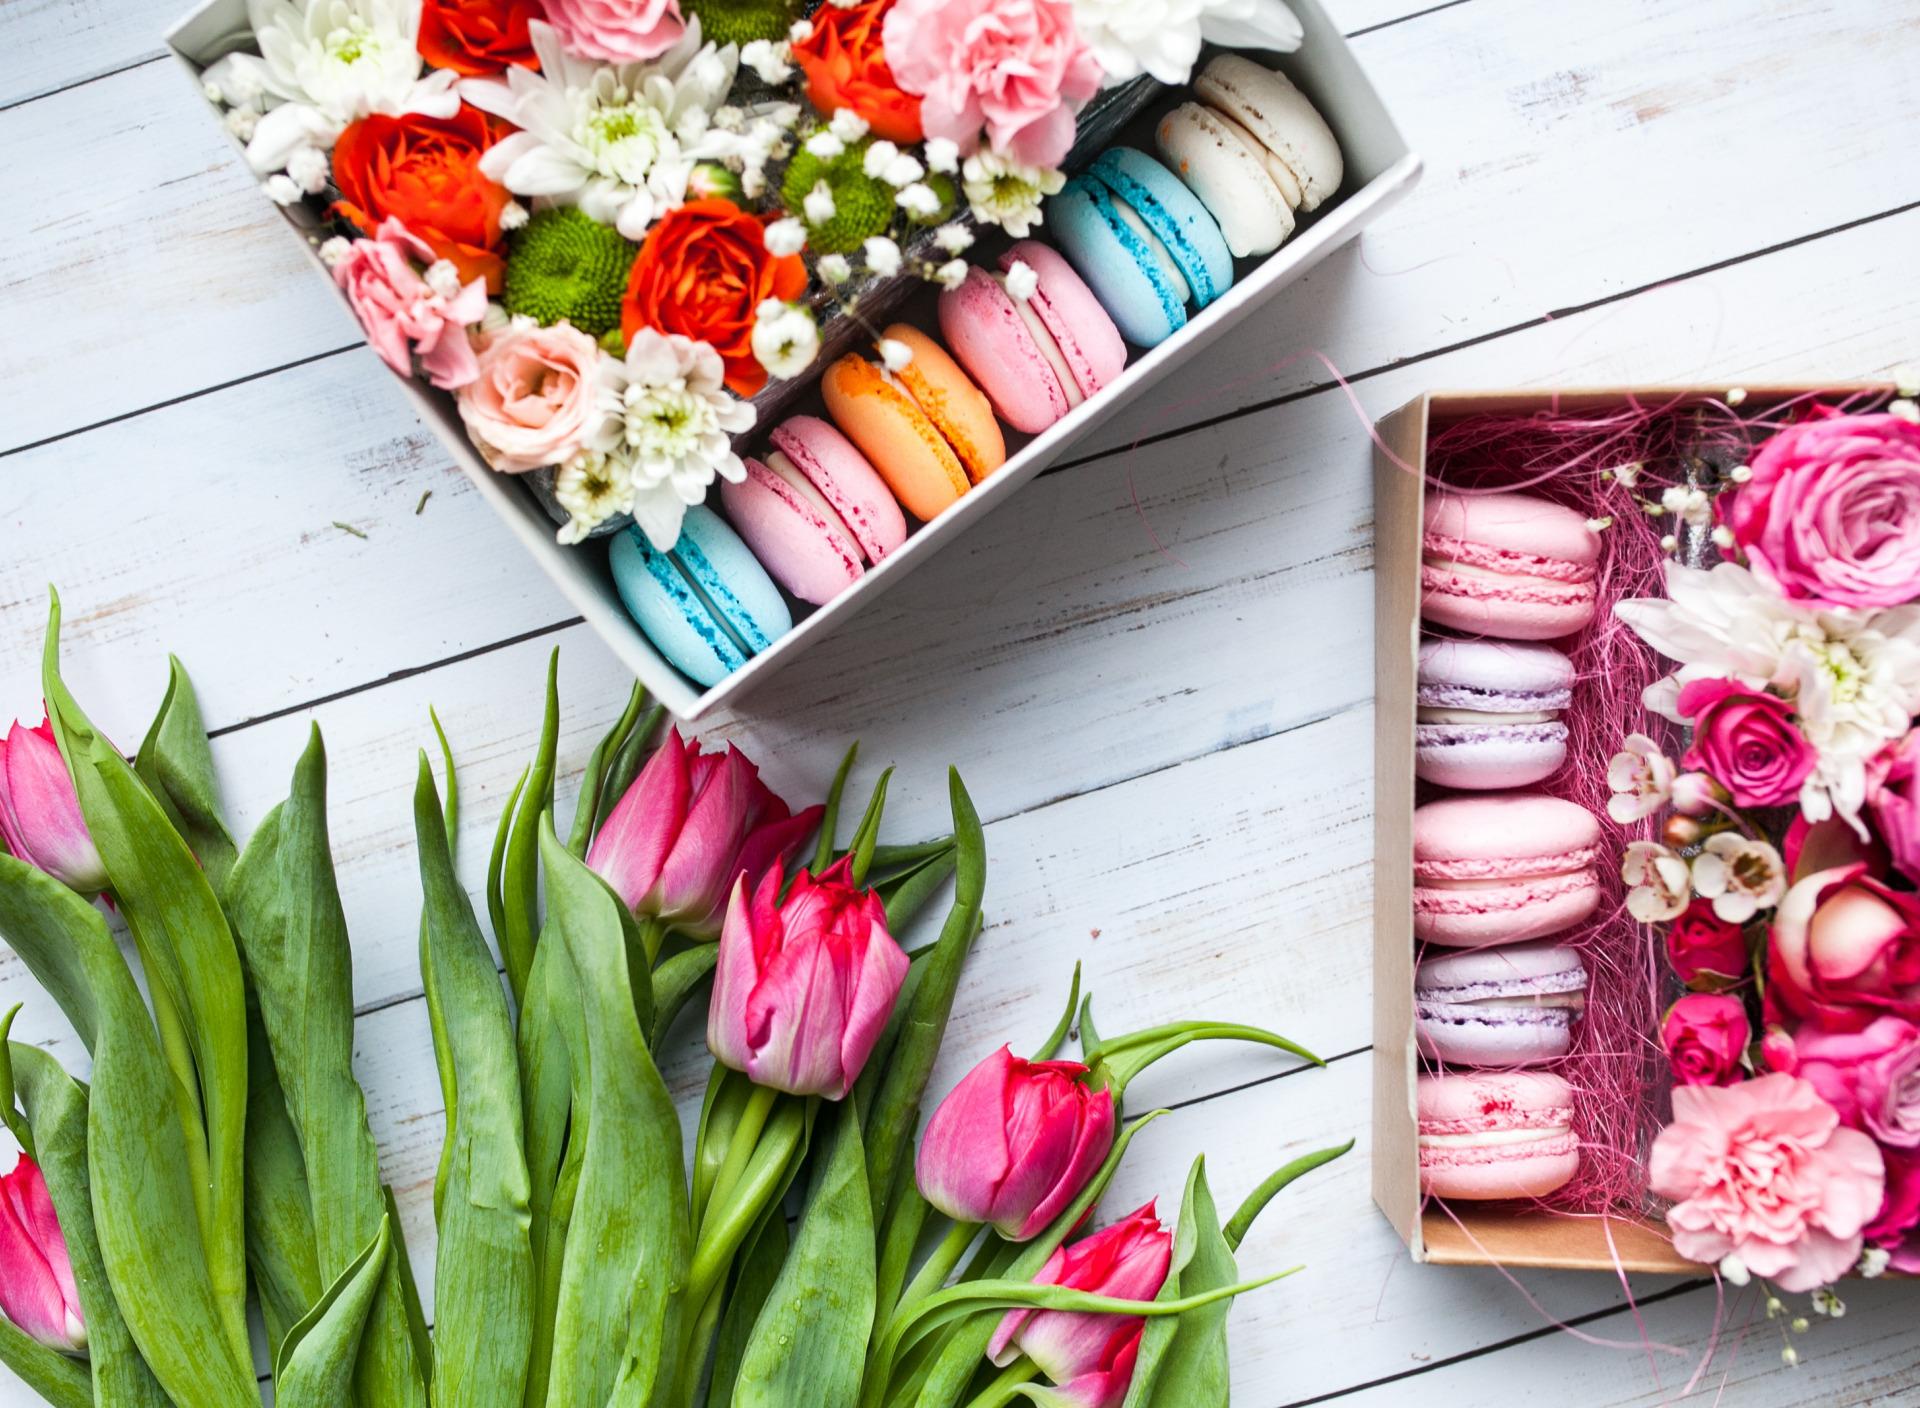 картинки на рабочий стол цветы в коробке сканирование организмы